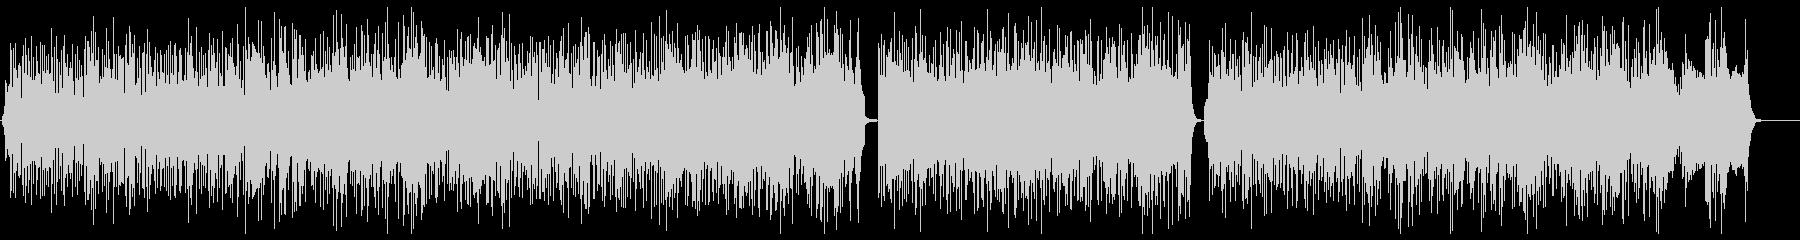 サックス生演奏の軽快なファンクブルースの未再生の波形